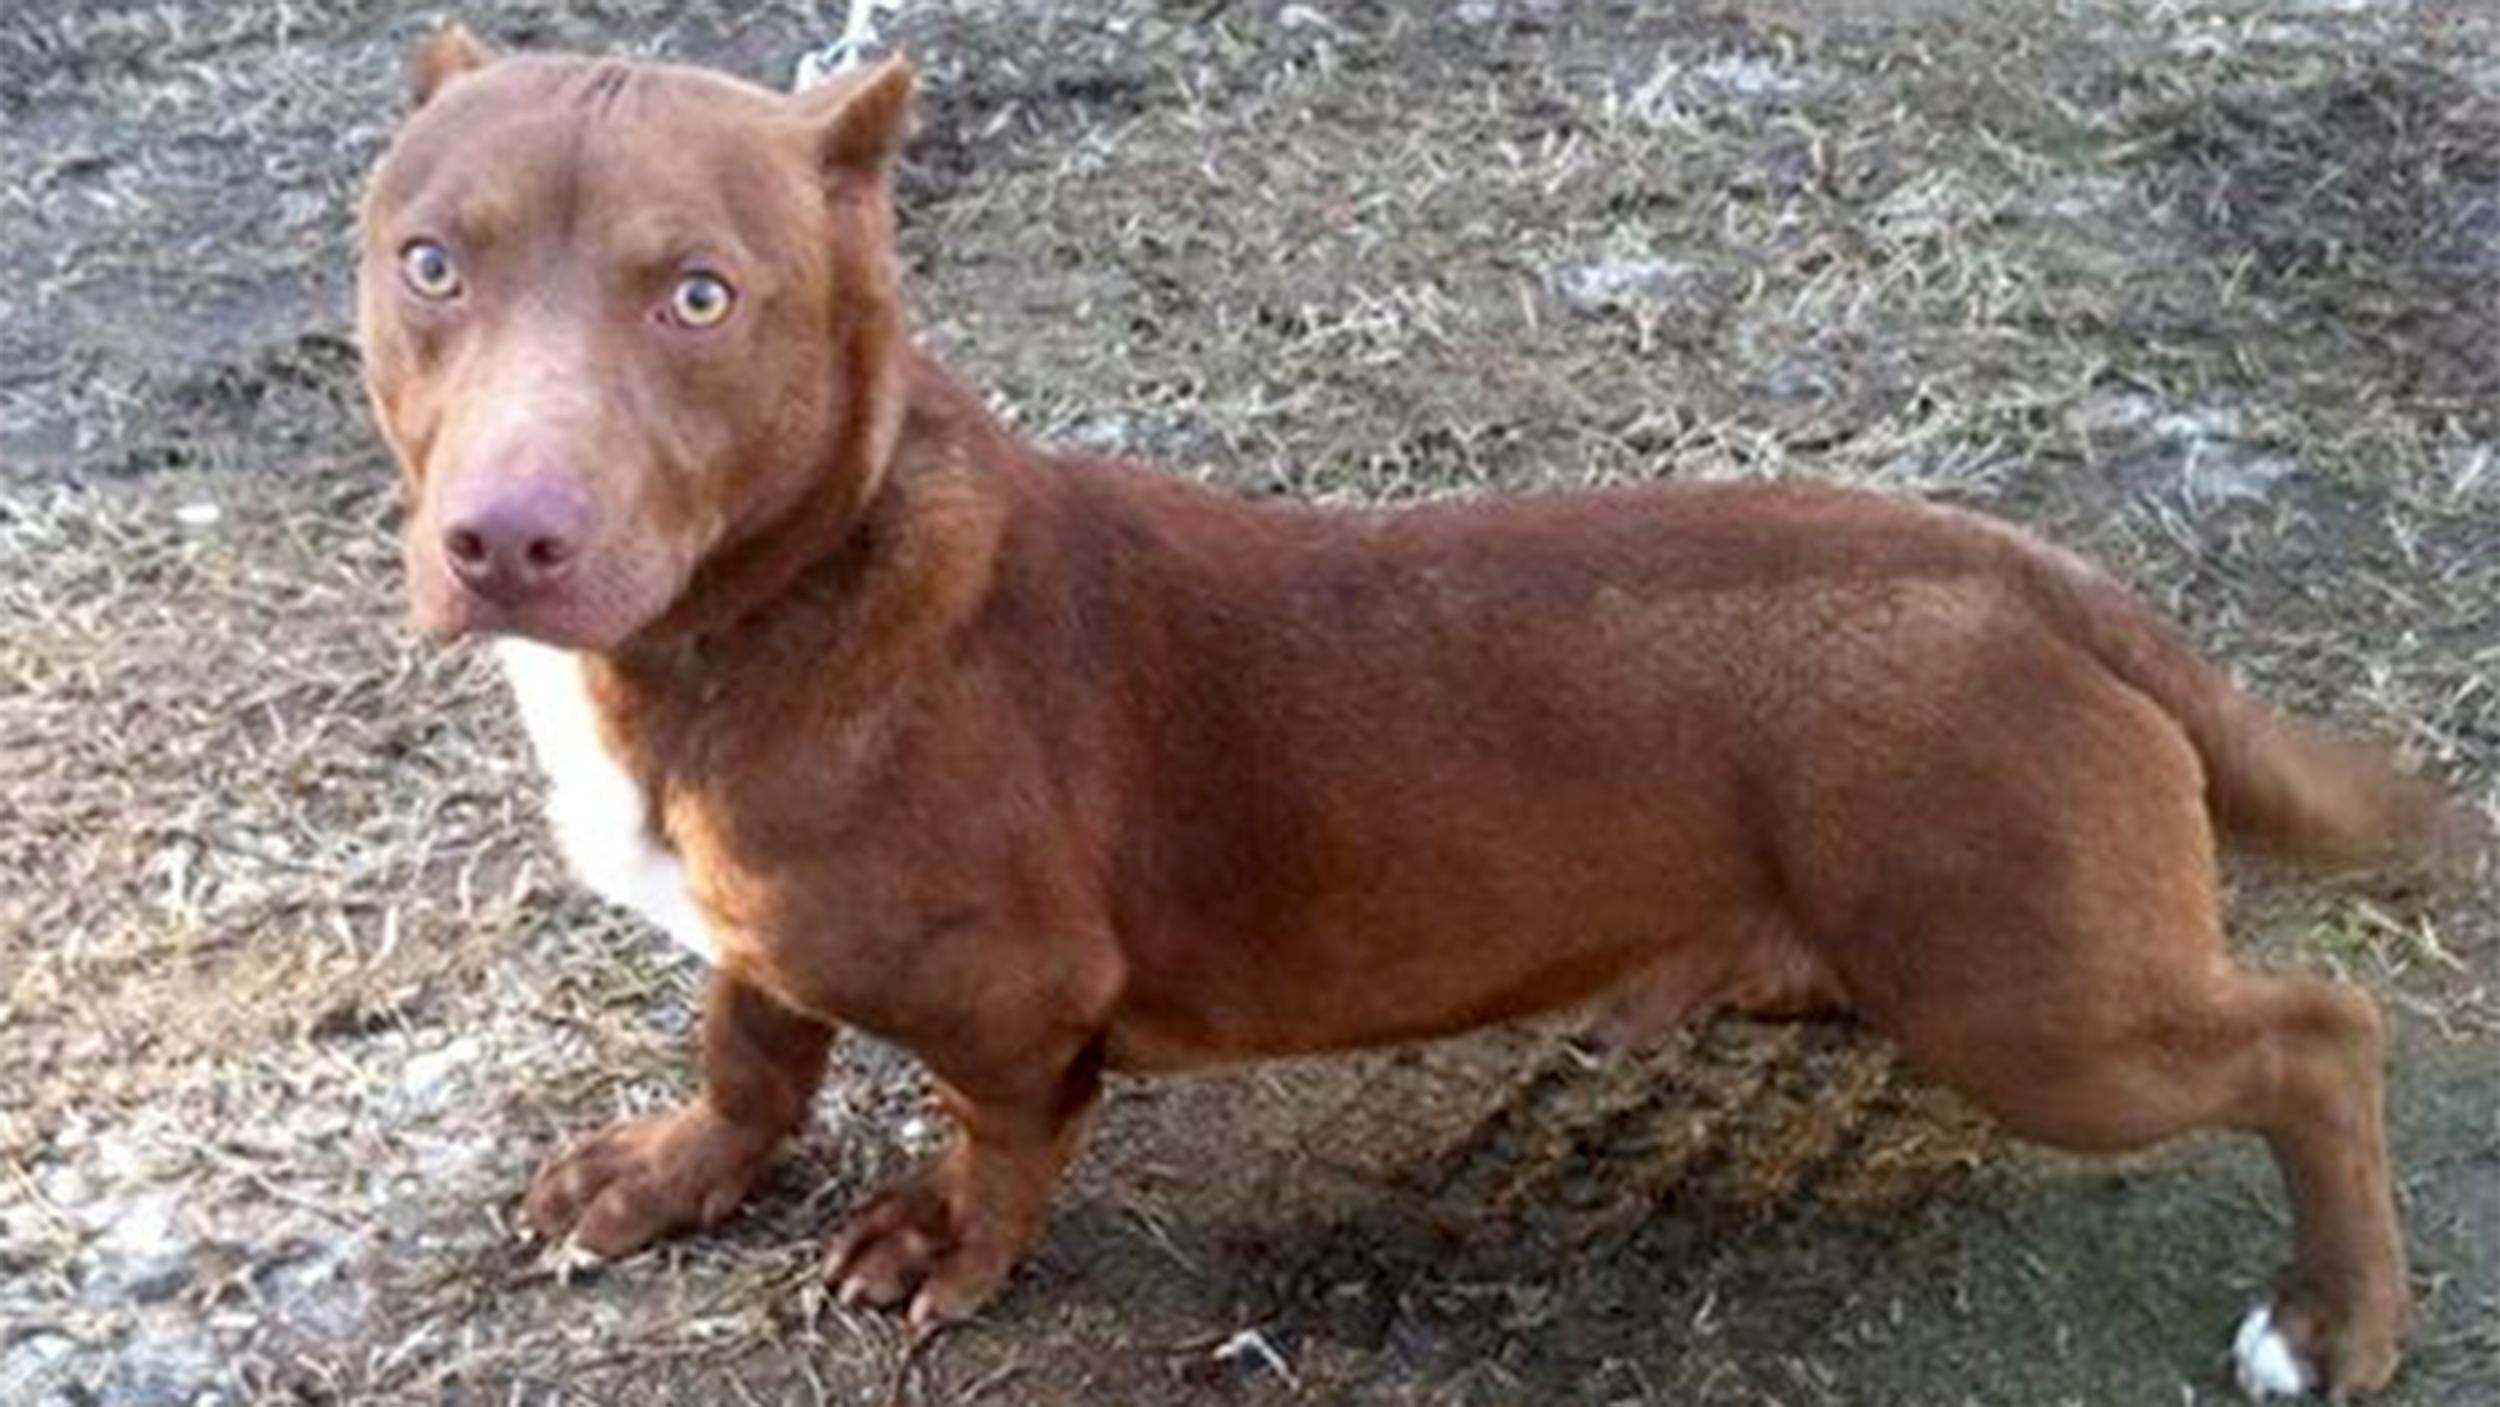 Pitbull Mixed With Bullmastiff